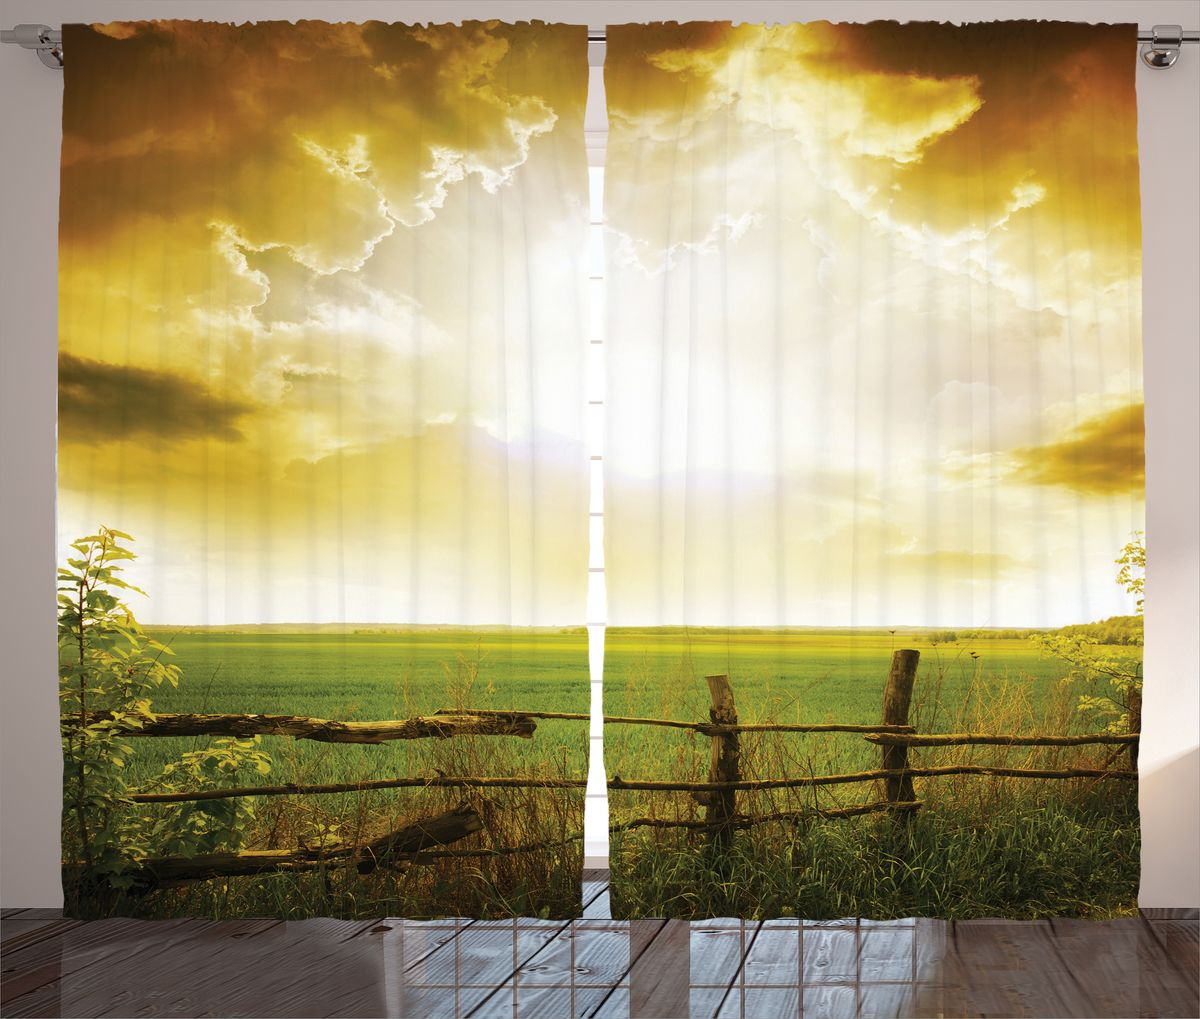 Комплект фотоштор Magic Lady Бежевые облака над полем, на ленте, высота 265 см. шсг_148901891135Компания Сэмболь изготавливает шторы из высококачественного сатена (полиэстер 100%). При изготовлении используются специальные гипоаллергенные чернила для прямой печати по ткани, безопасные для человека и животных. Экологичность продукции Magic lady и безопасность для окружающей среды подтверждены сертификатом Oeko-Tex Standard 100. Крепление: крючки для крепления на шторной ленте (50 шт). Возможно крепление на трубу. Внимание! При нанесении сублимационной печати на ткань технологическим методом при температуре 240°С, возможно отклонение полученных размеров (указанных на этикетке и сайте) от стандартных на + - 3-5 см. Производитель старается максимально точно передать цвета изделия на фотографиях, однако искажения неизбежны и фактический цвет изделия может отличаться от воспринимаемого по фото. Обратите внимание! Шторы изготовлены из полиэстра сатенового переплетения, а не из сатина (хлопок). Размер одного полотна шторы: 145х265 см. В комплекте 2 полотна шторы и 50 крючков.